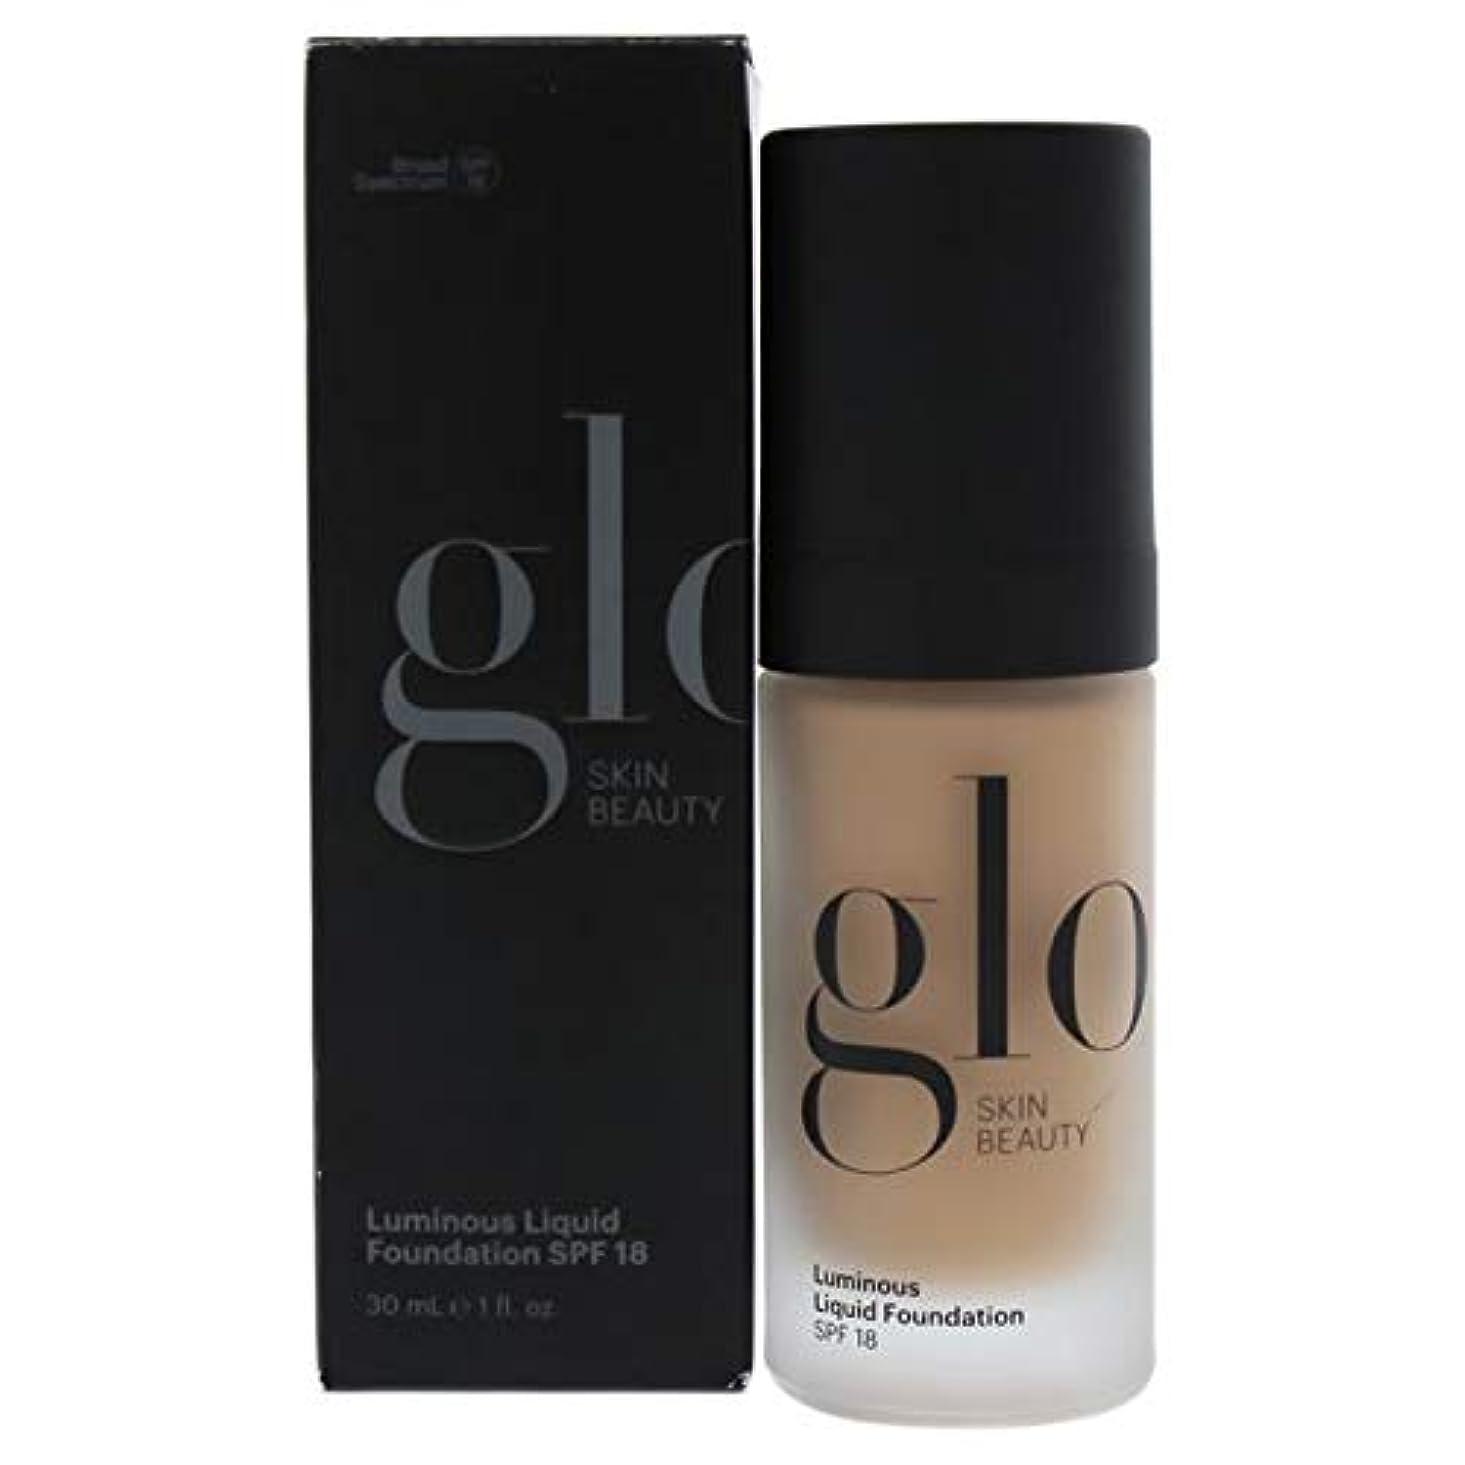 要求する音割れ目Glo Skin Beauty Luminous Liquid Foundation SPF18 - # Almond 30ml/1oz並行輸入品